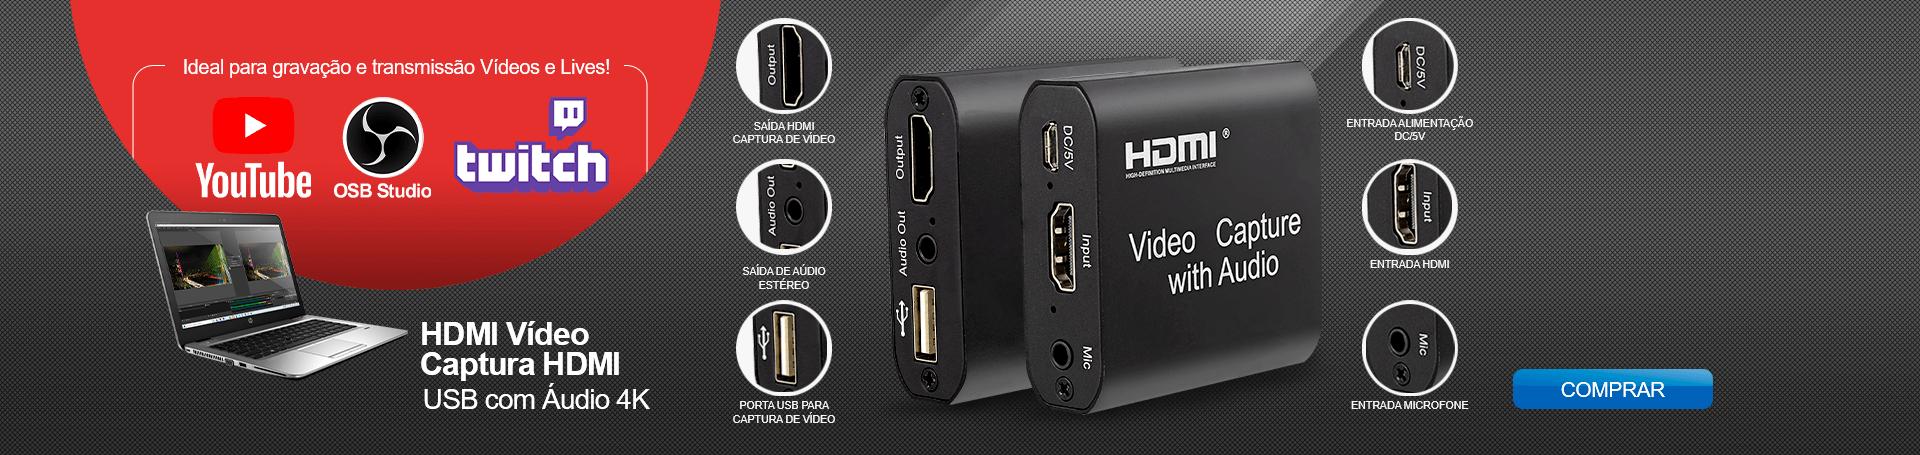 hdmi-video-captura-hdmi-usb-com-audio-4k